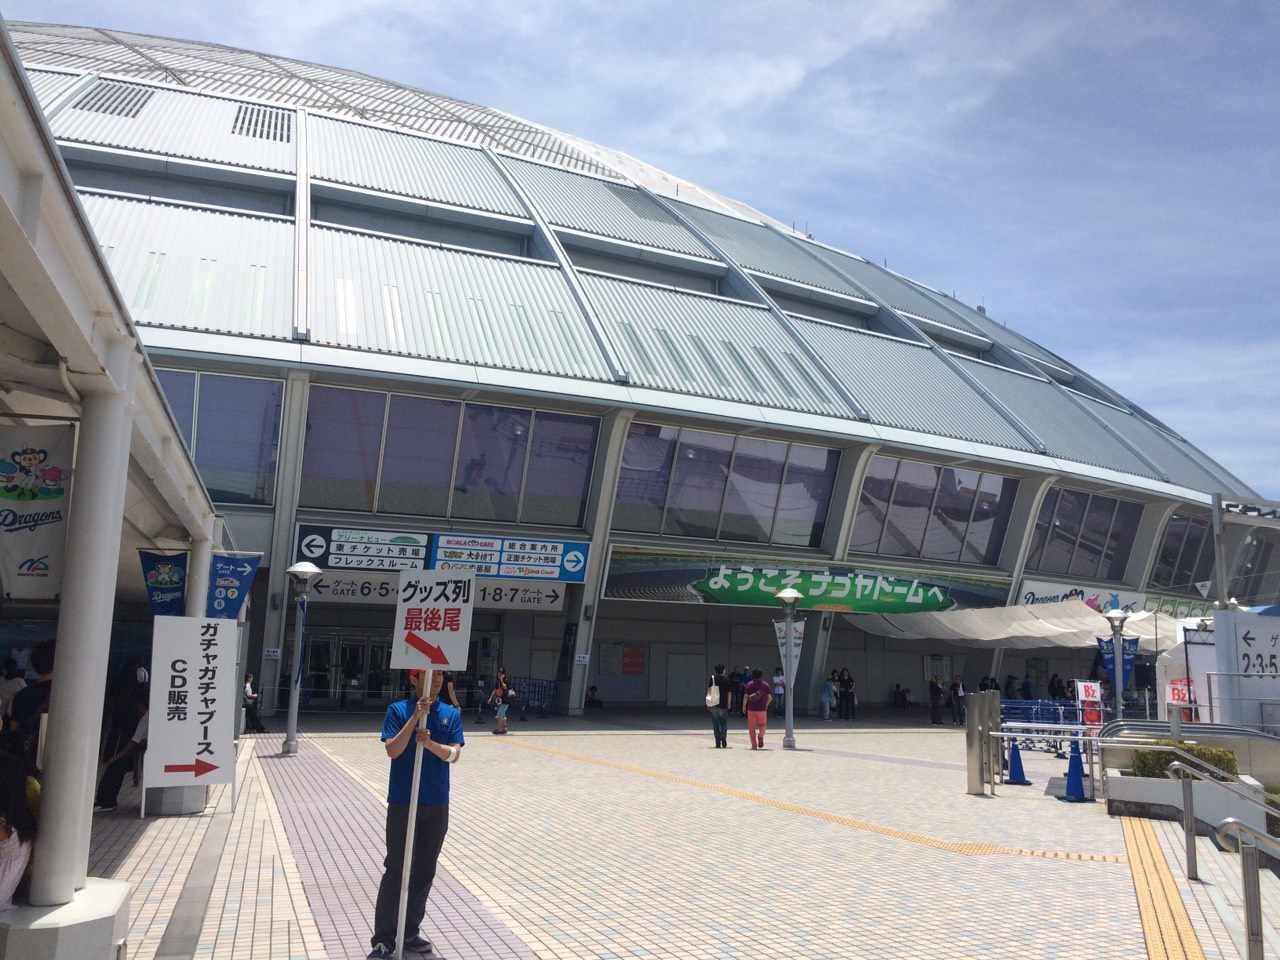 B'z LIVE-GYM 2015 -EPIC NIGHT- ナゴヤドーム千秋楽の現地写真提供してもらいました!